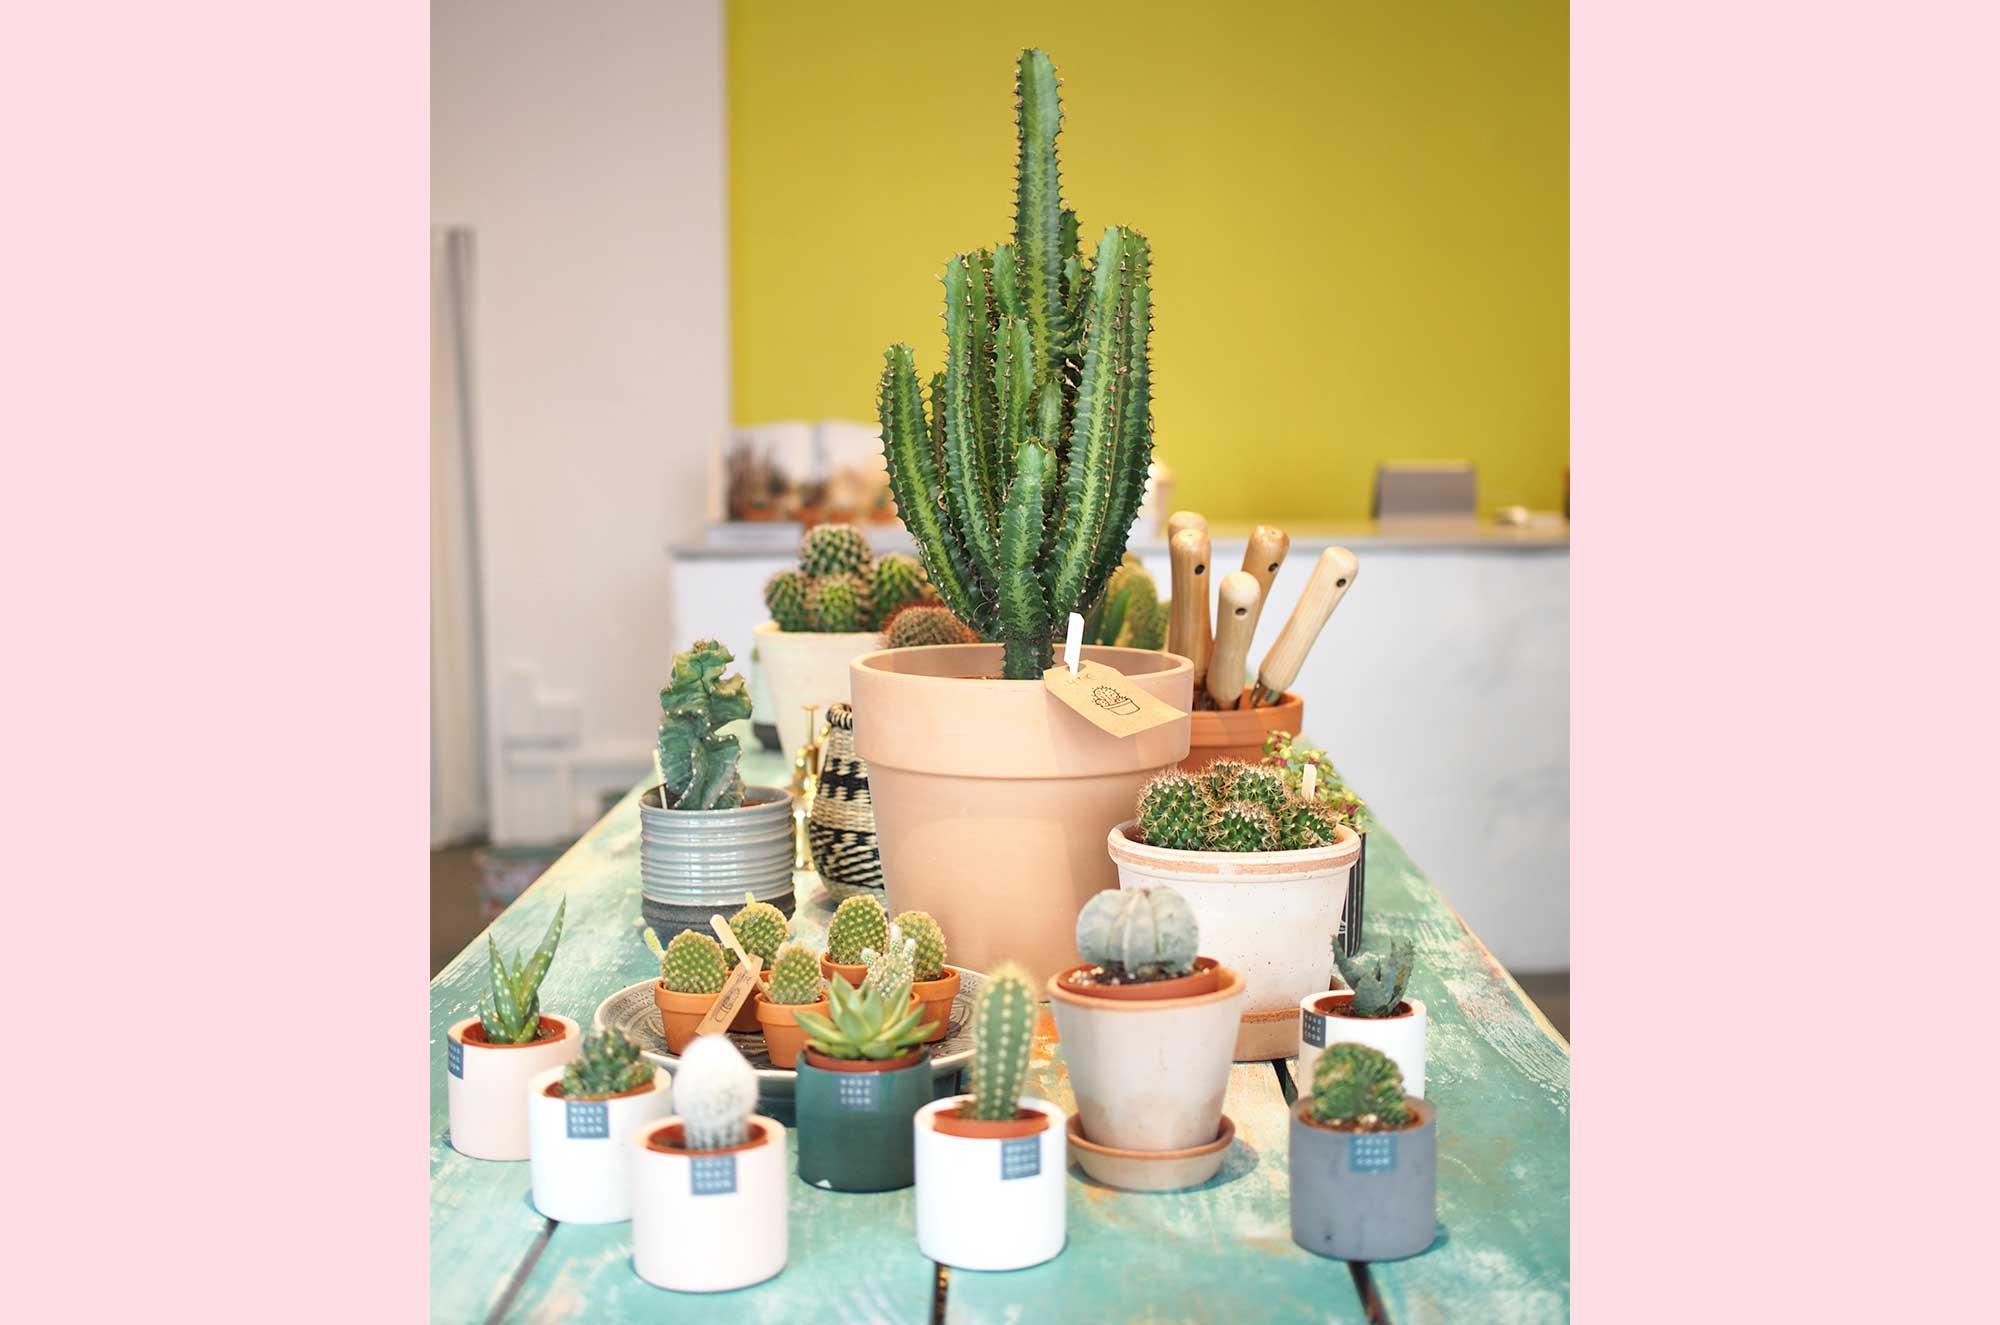 Laden-Kleiner-Kaktus